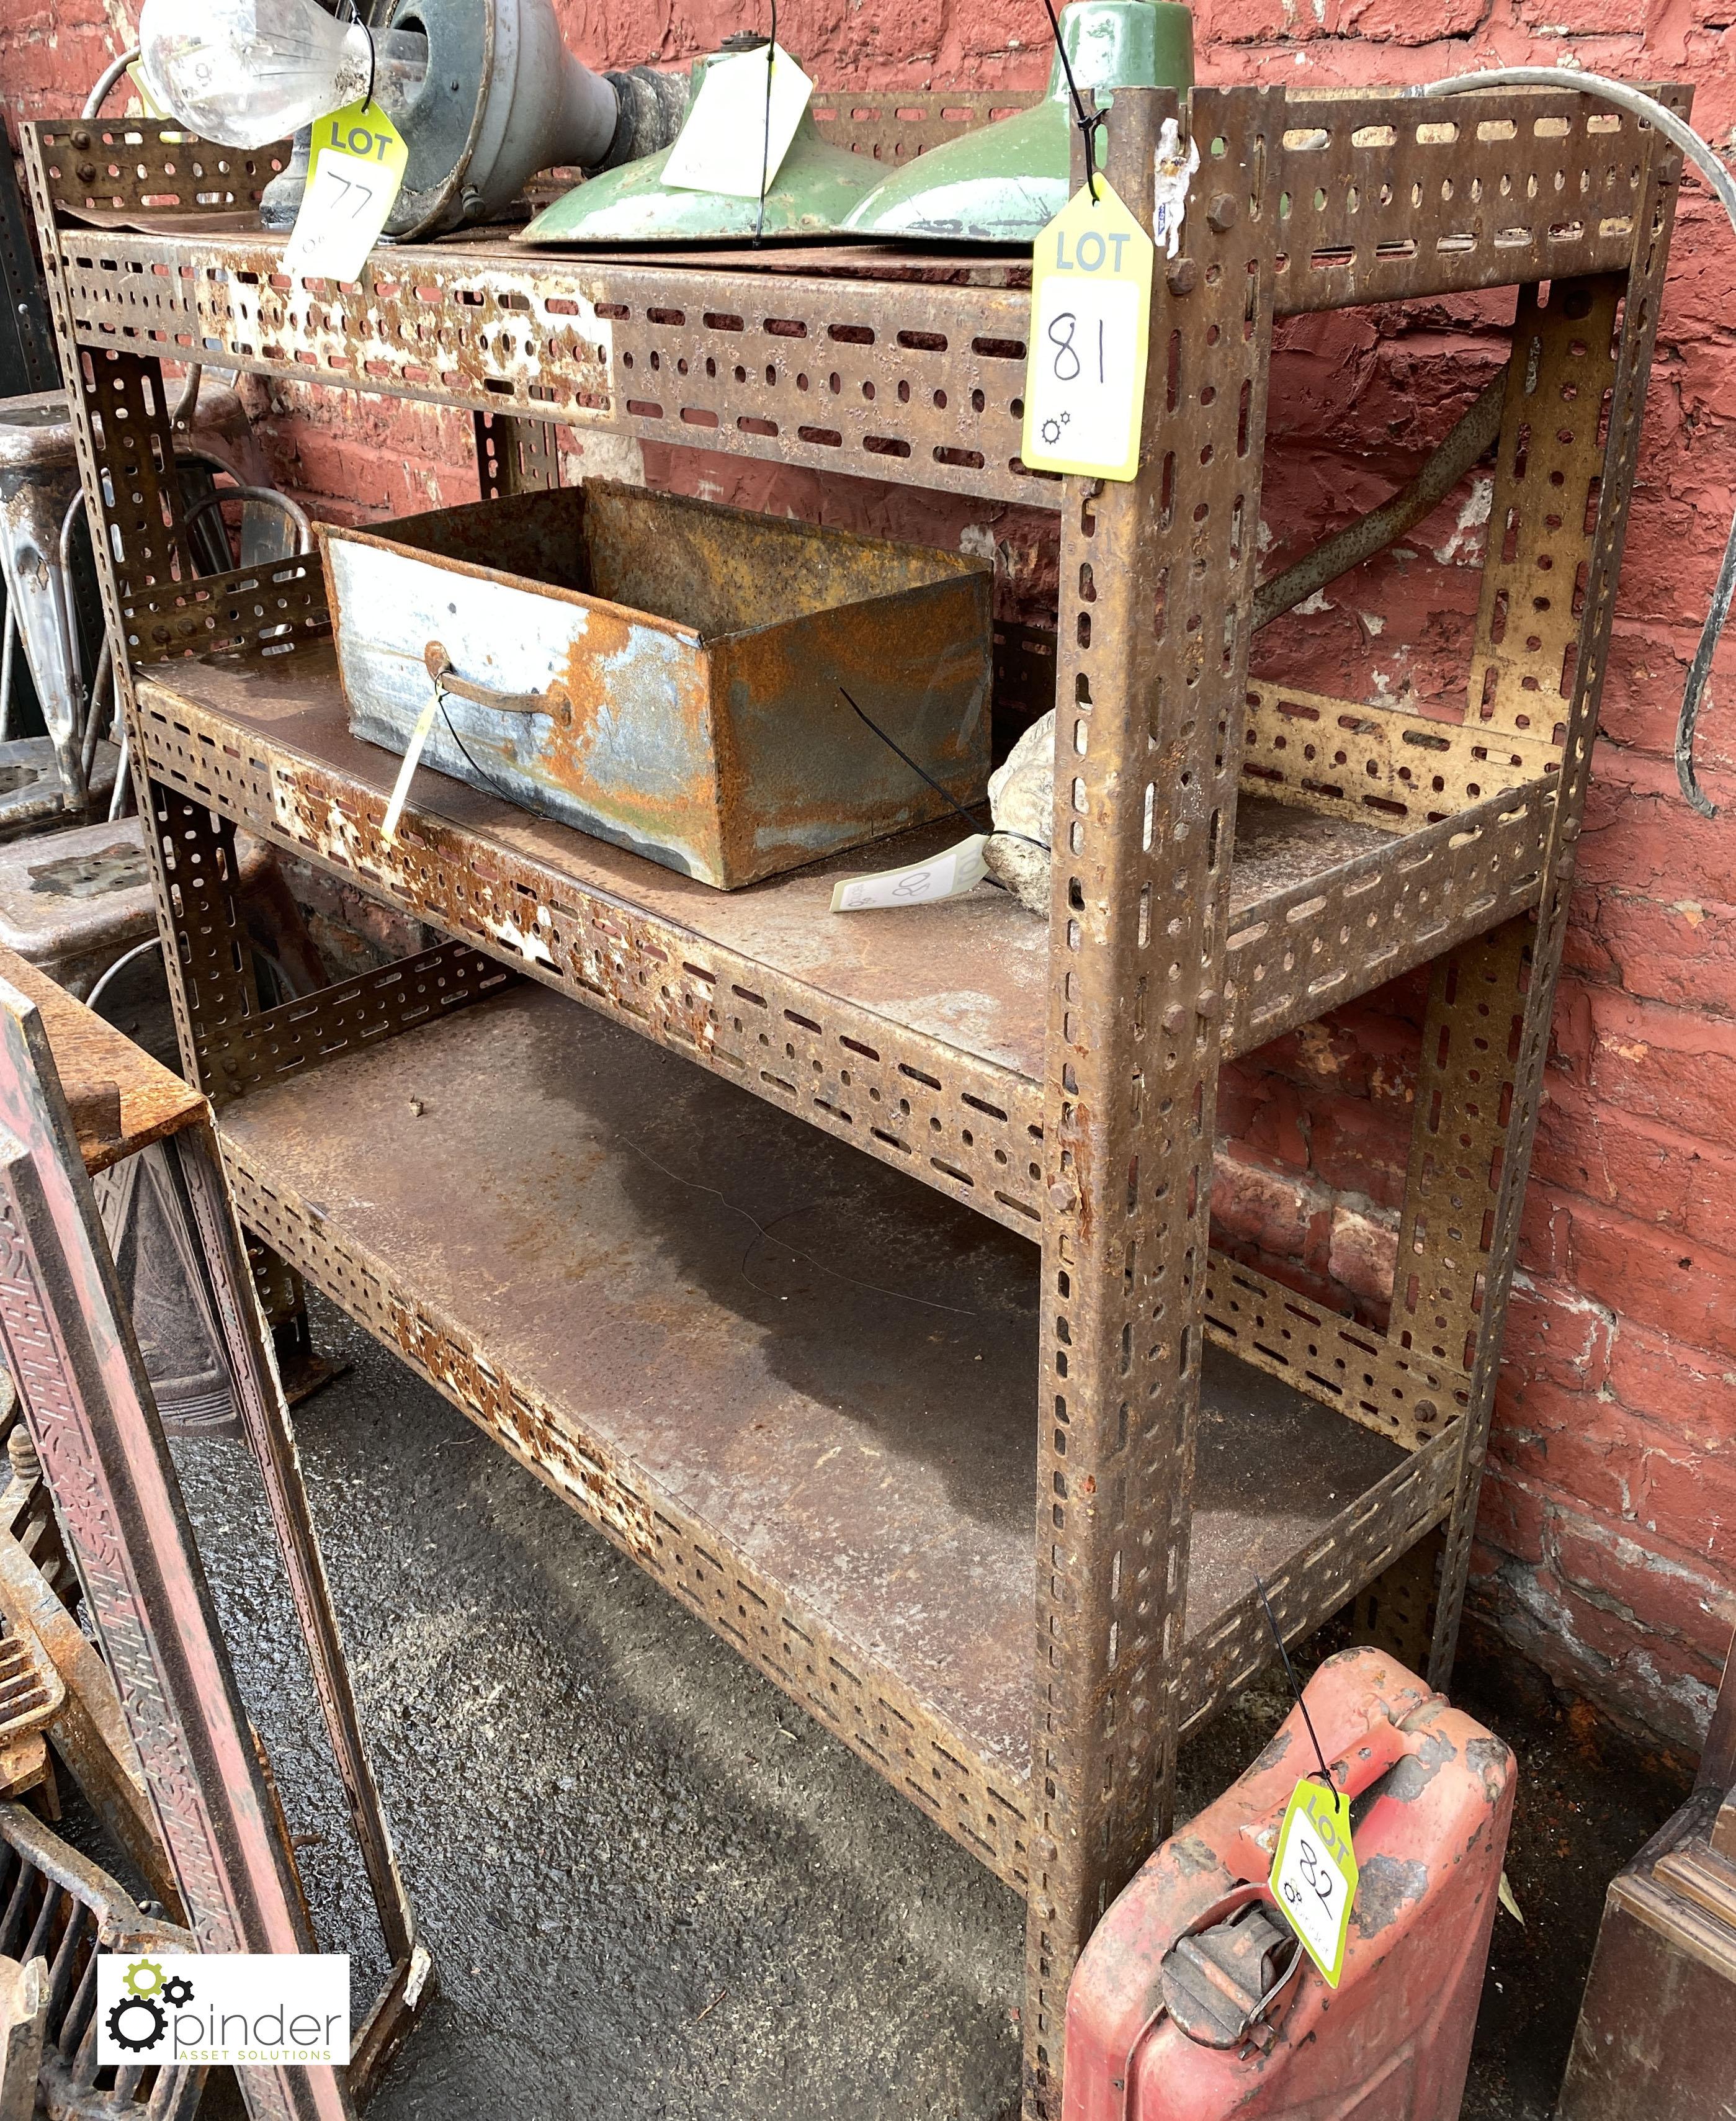 Steel adjustable 3-shelf Rack, 1240mm x 460mm x 1290mm tall (LOCATION: Sussex Street, Sheffield)